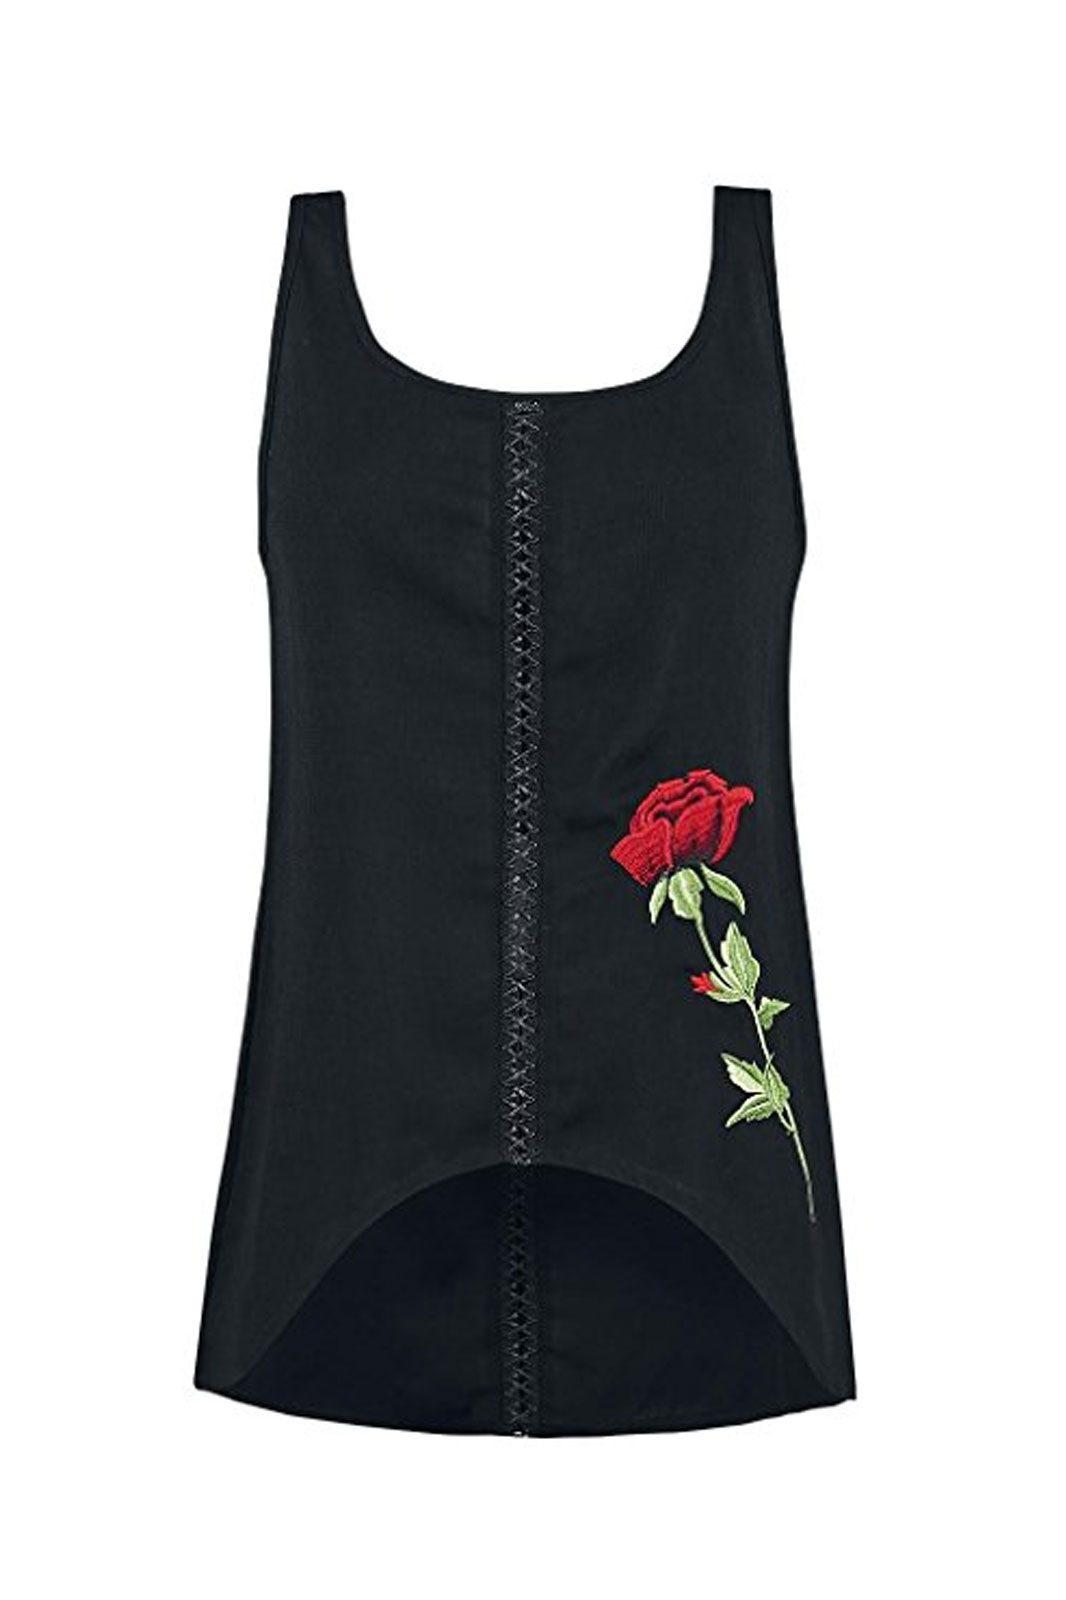 jawbreaker rose top black